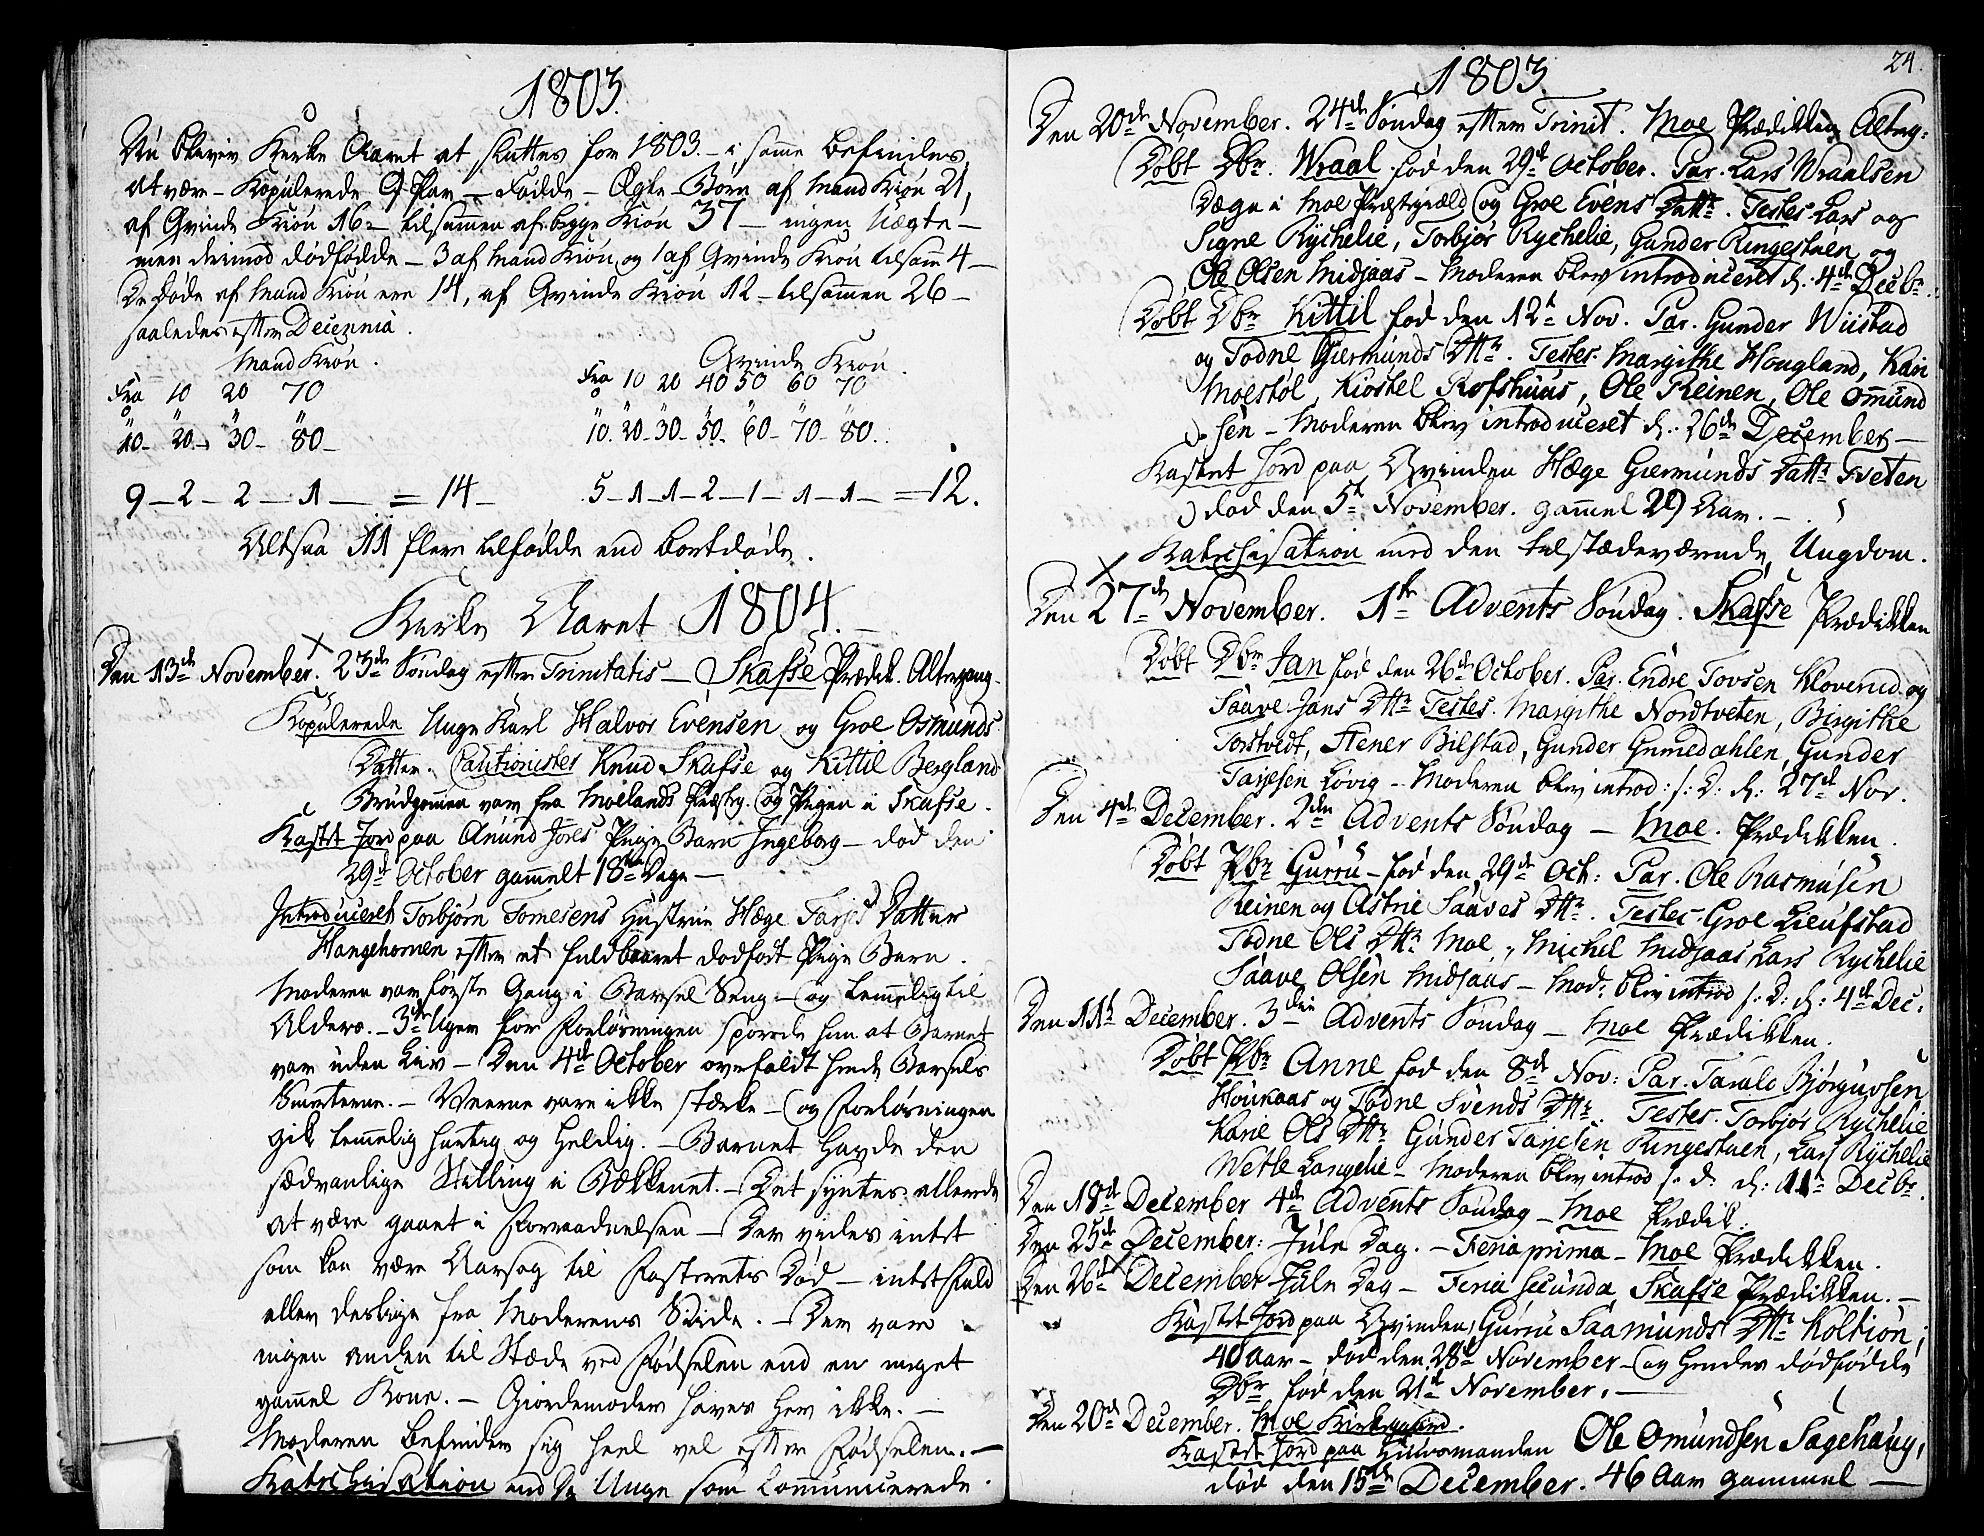 SAKO, Mo kirkebøker, F/Fa/L0003: Ministerialbok nr. I 3, 1800-1814, s. 24